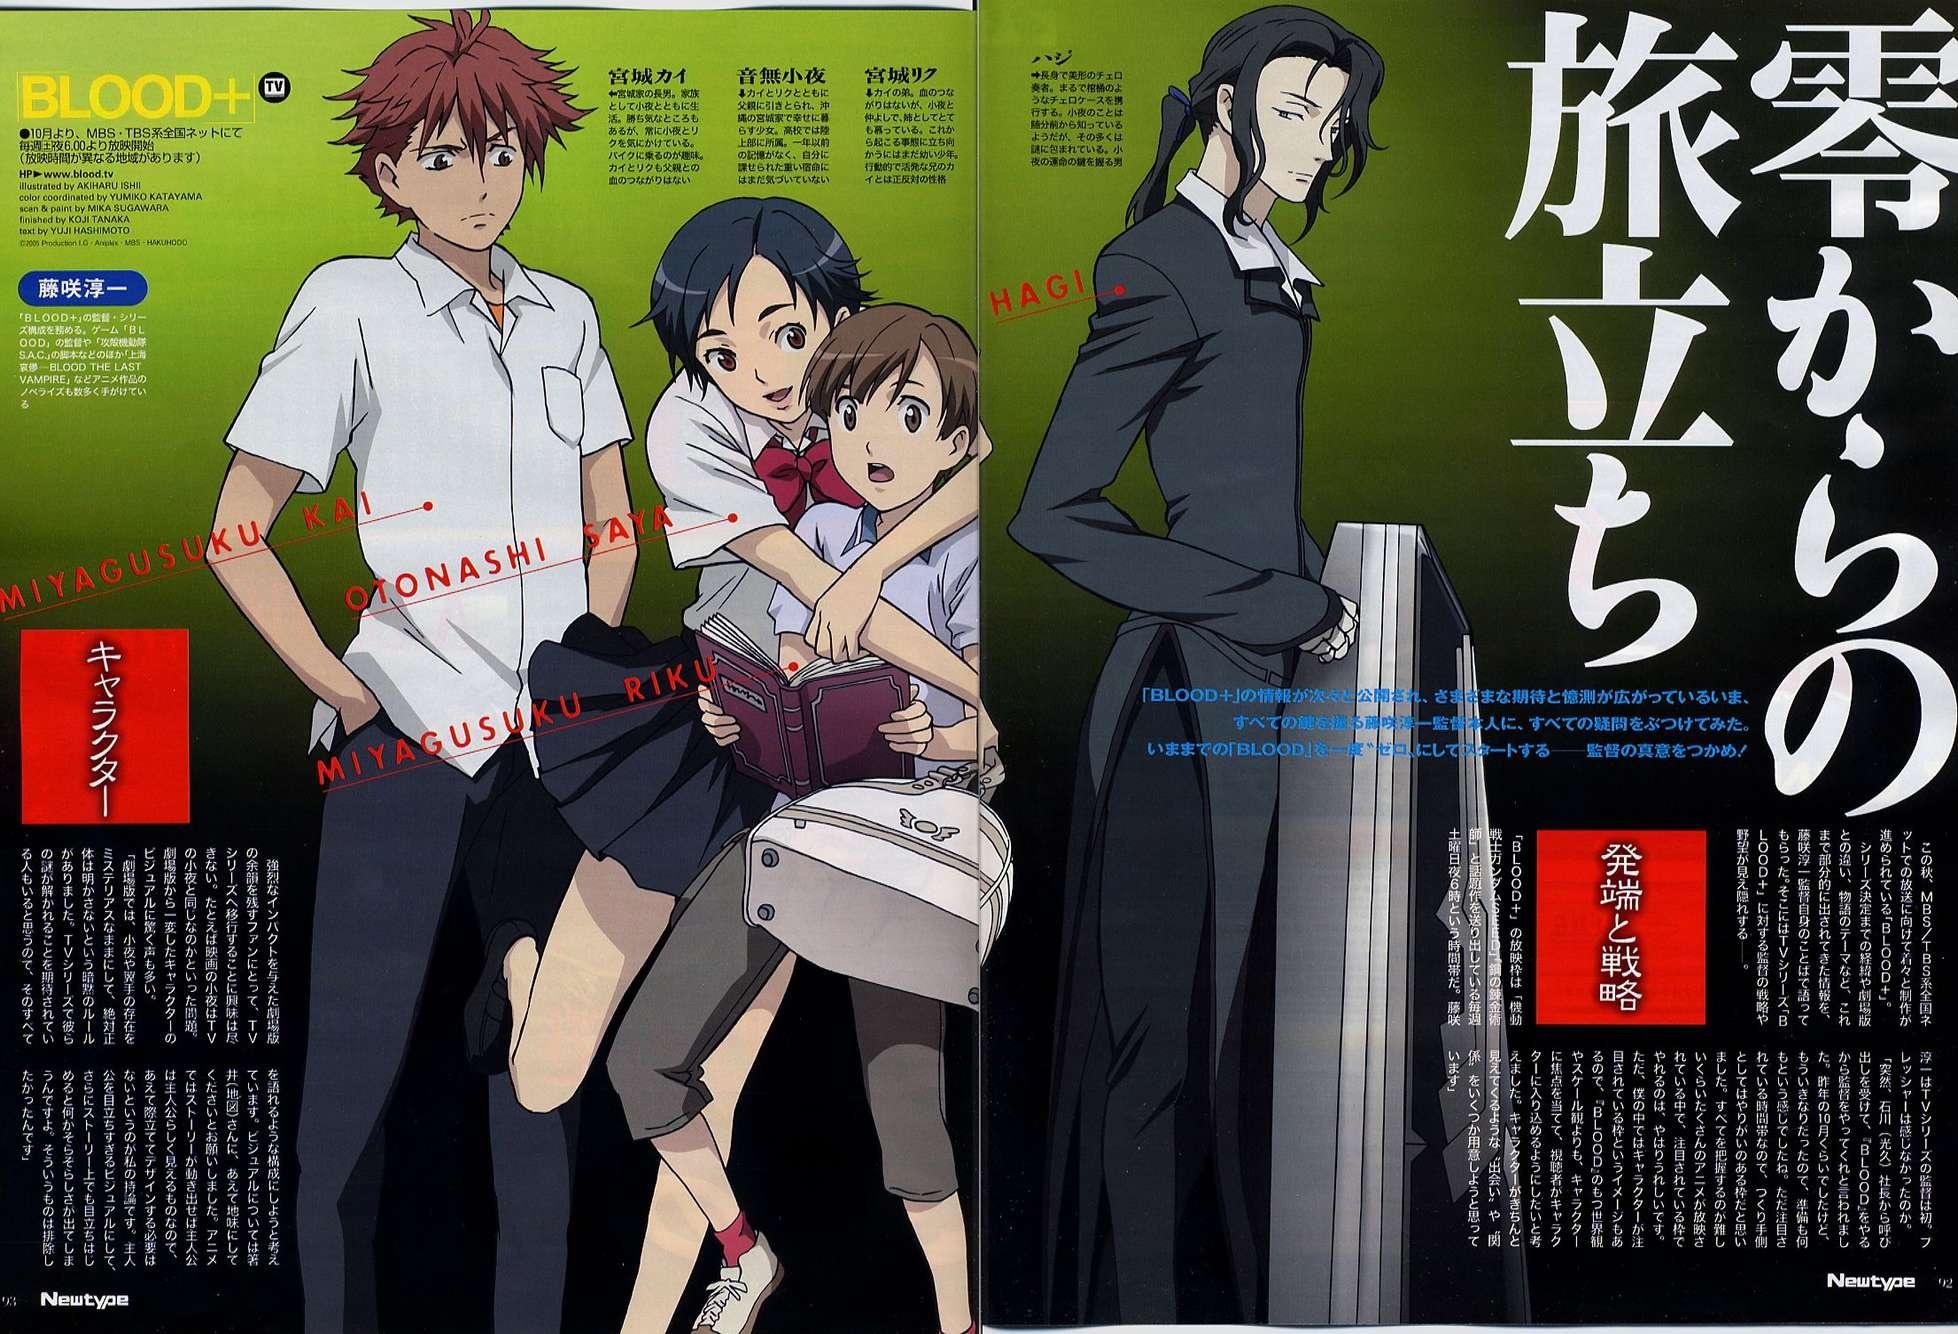 Blood Plus Diva and Riku